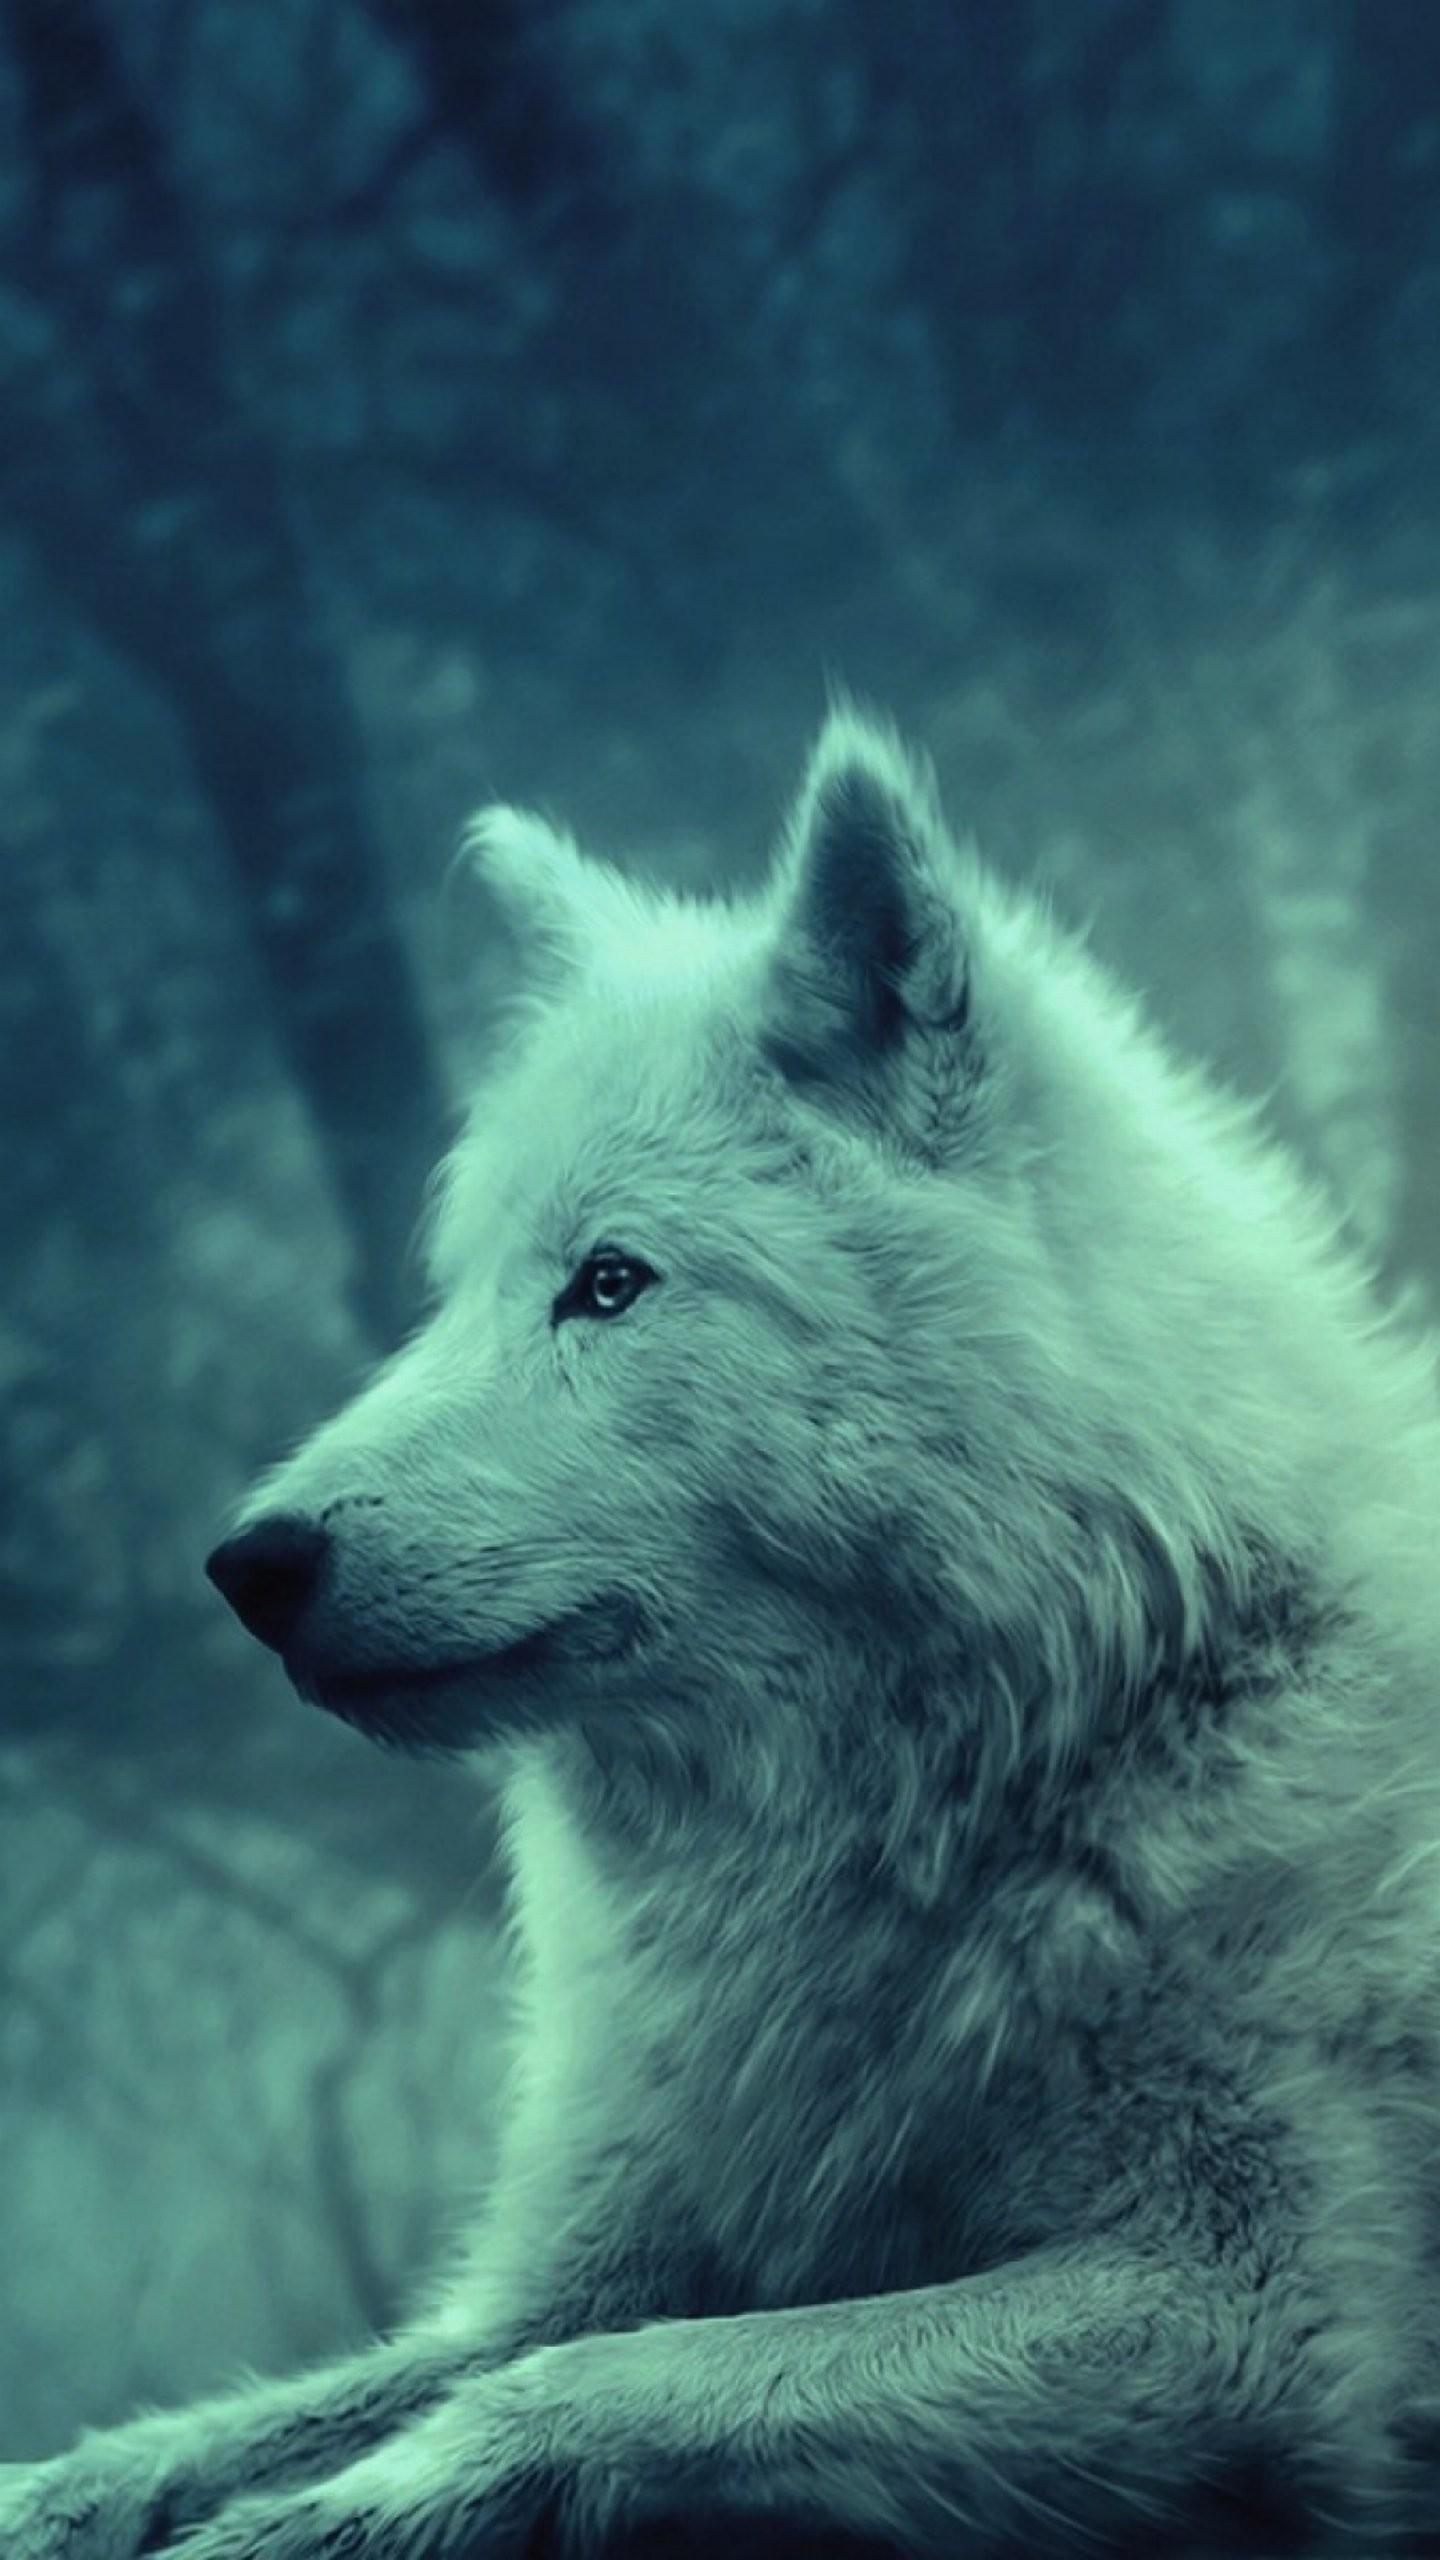 Wallpaper lg g4 cute wolf 1440 2560 qhd